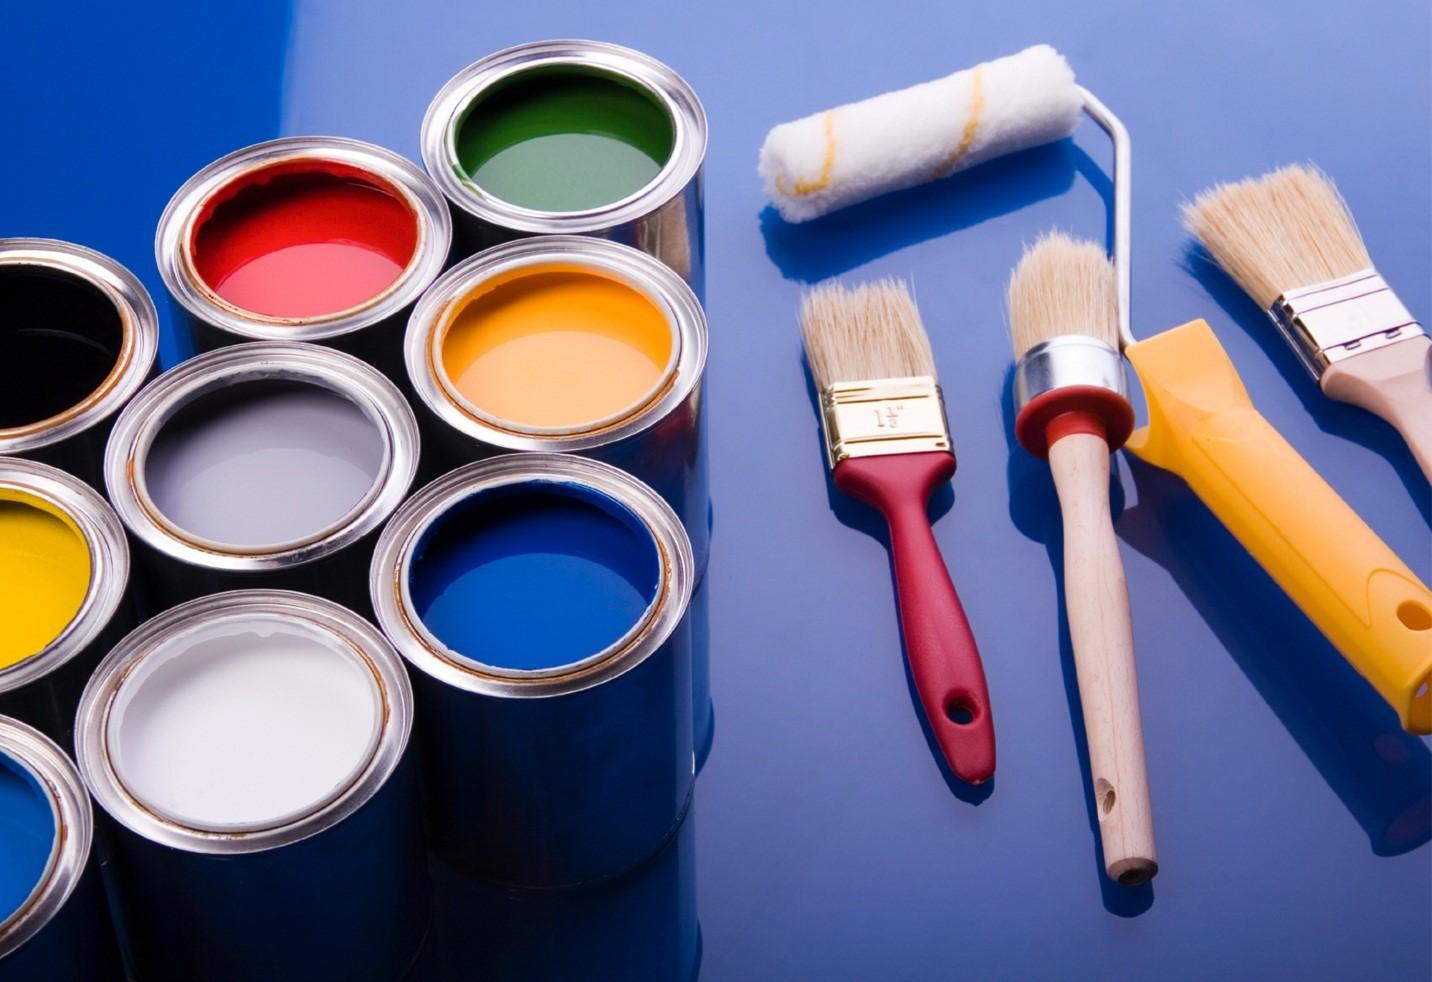 Dụng cụ đầu tiên cần chuẩn bị là sơn, cọ và con lăn